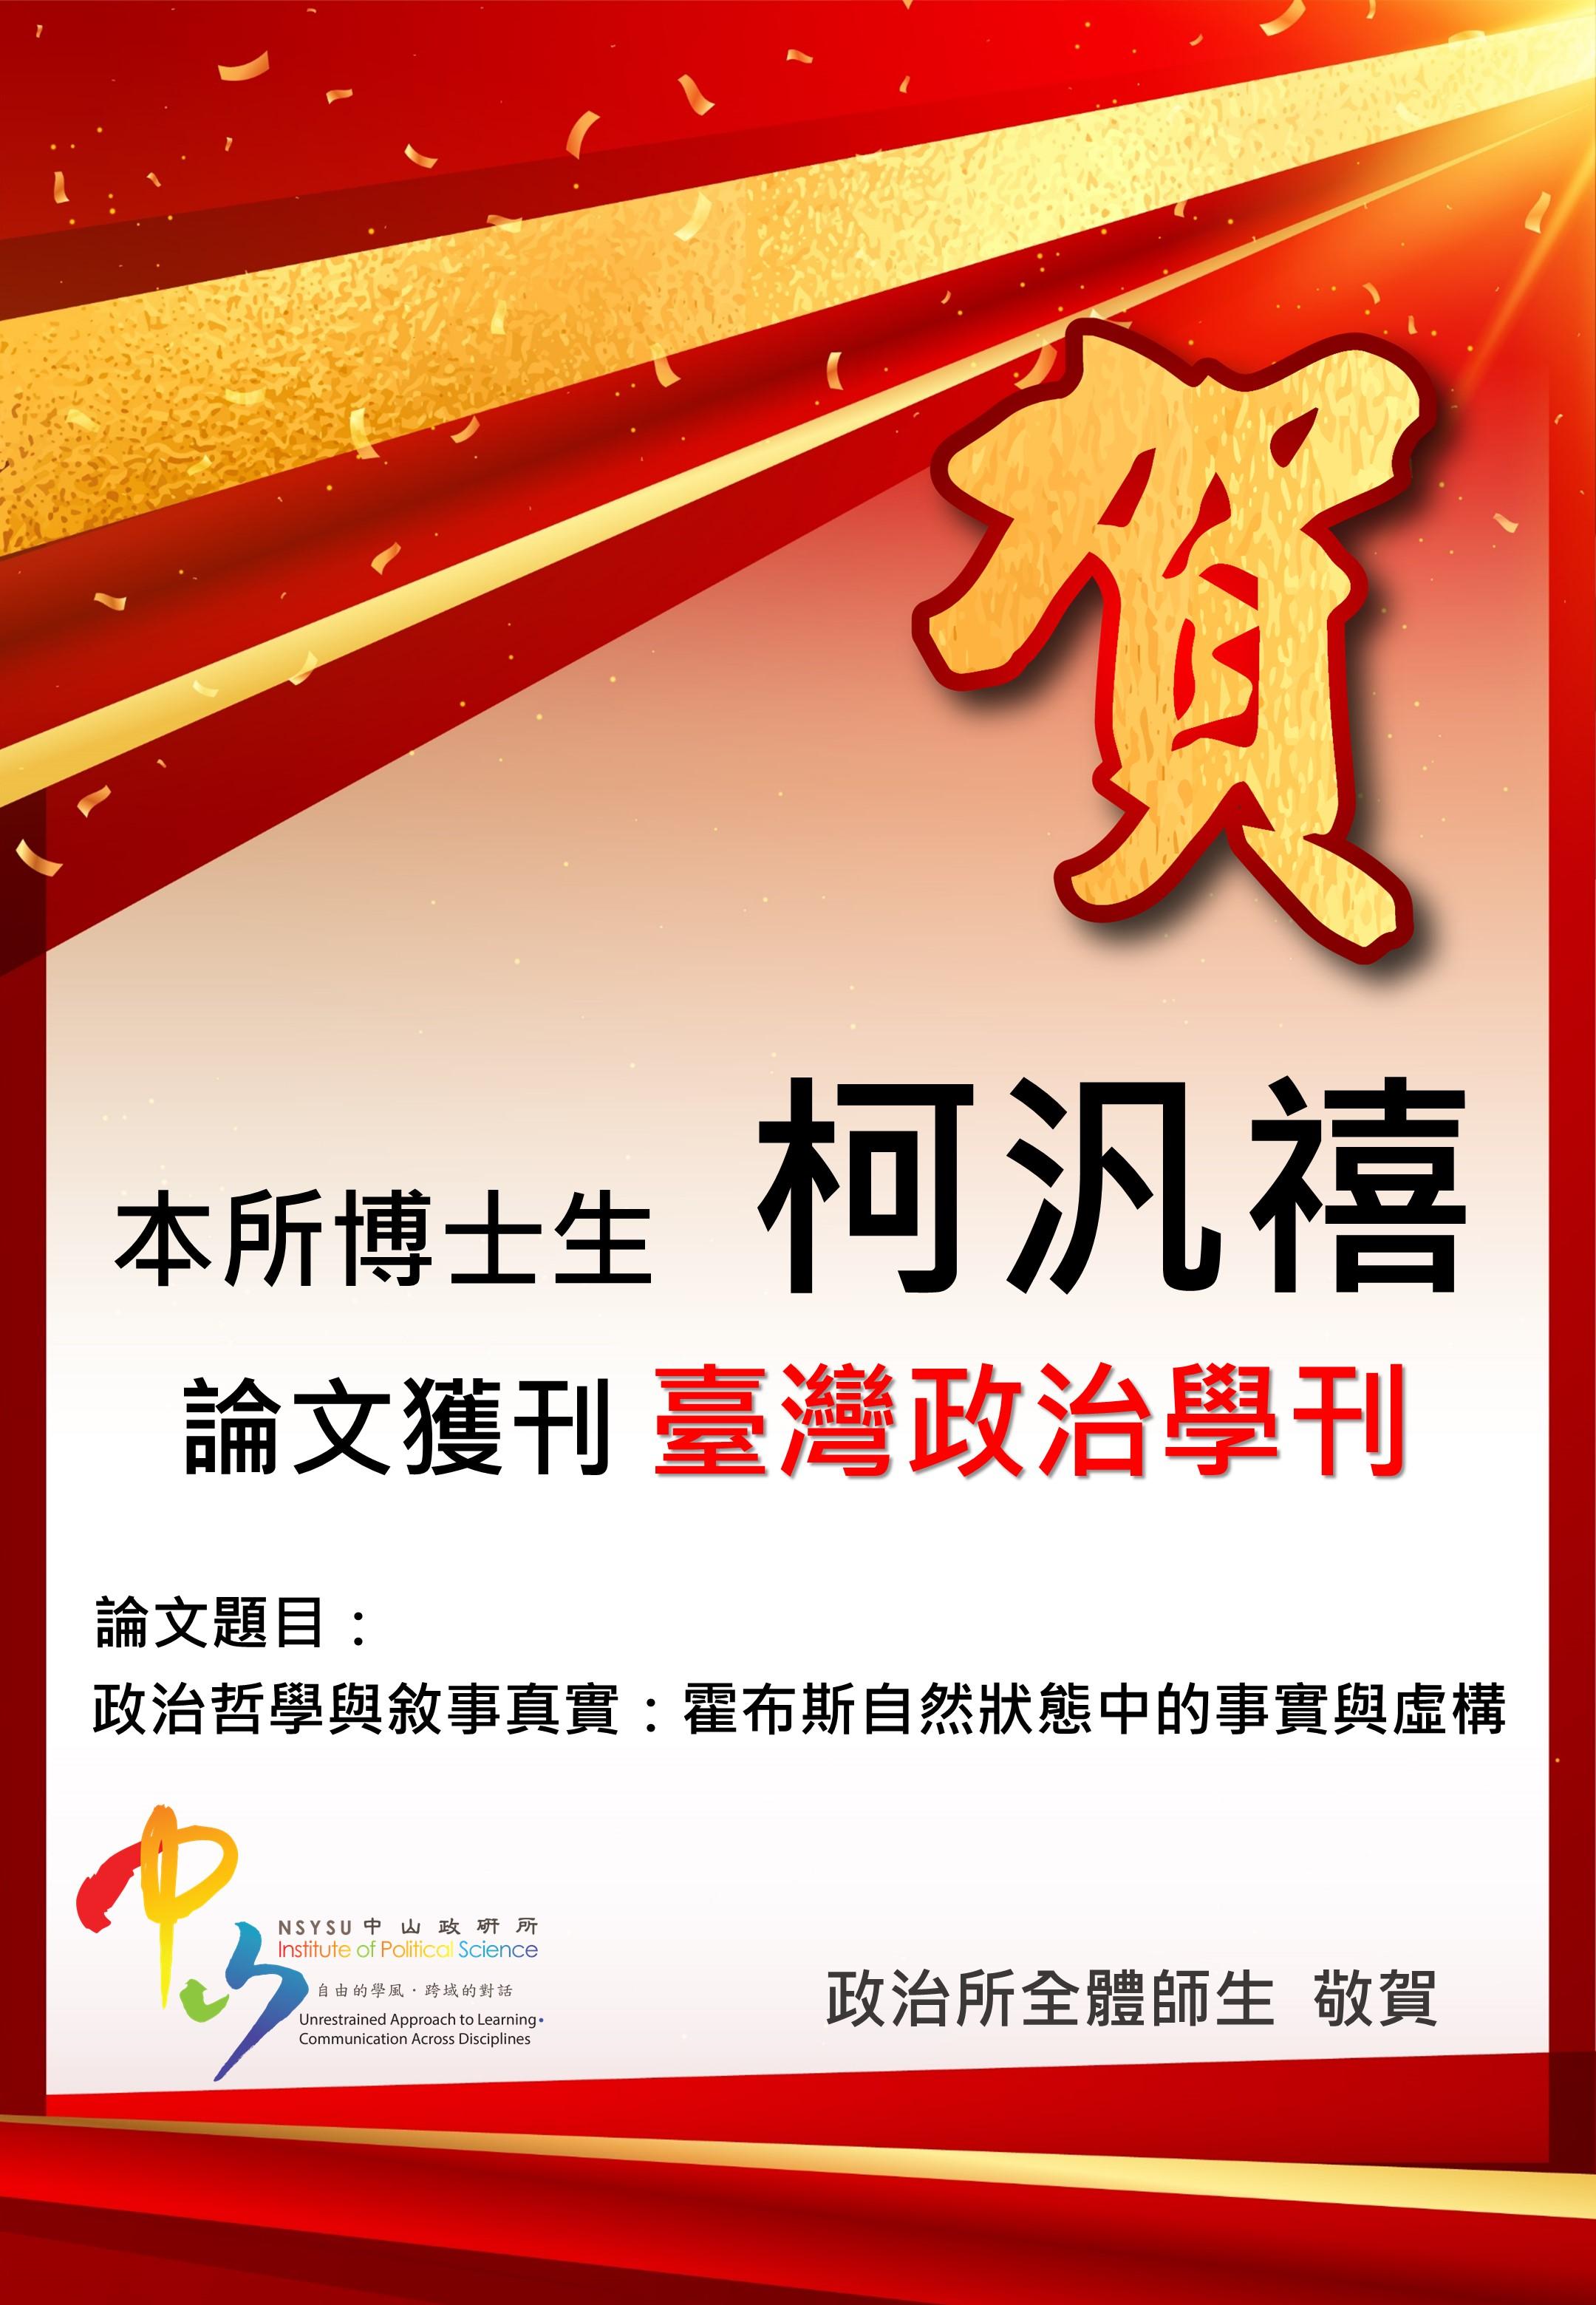 博士生柯汎禧論文獲刊於台灣政治學刊